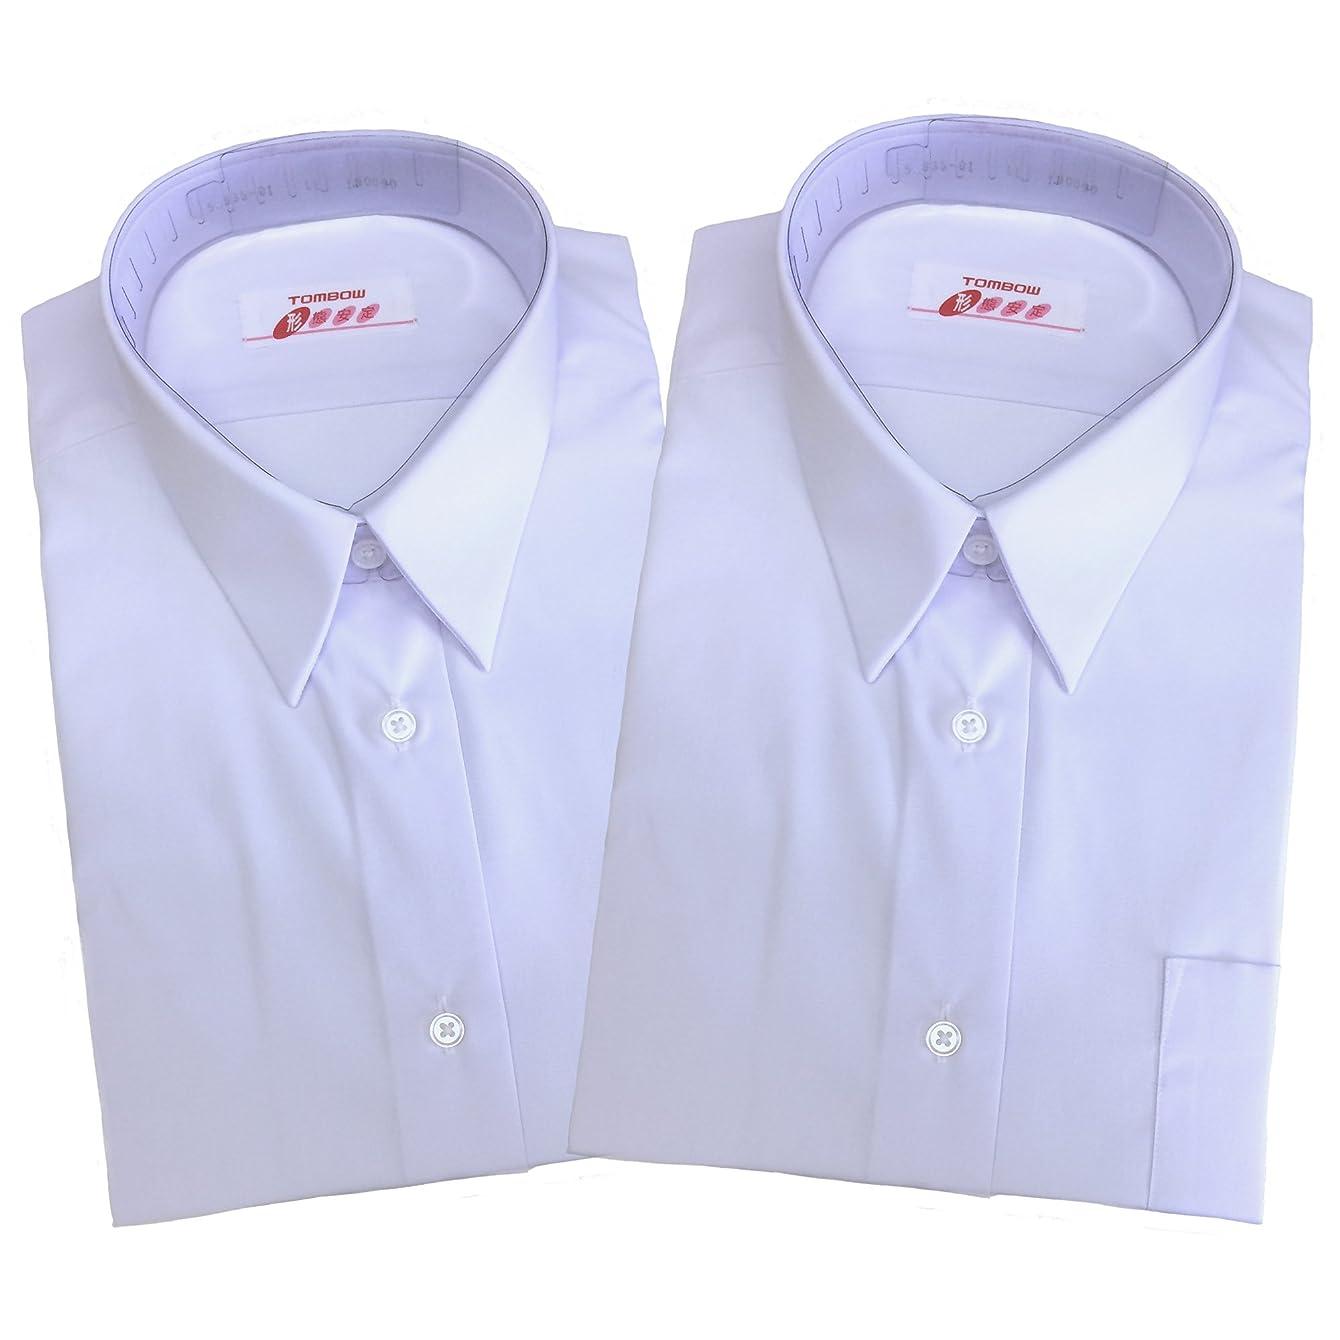 沼地絶望見えない【トンボ】TOMBOW スクールシャツ 女子 半袖 白 A体 2枚セット 形態安定?抗菌防臭 tombow10